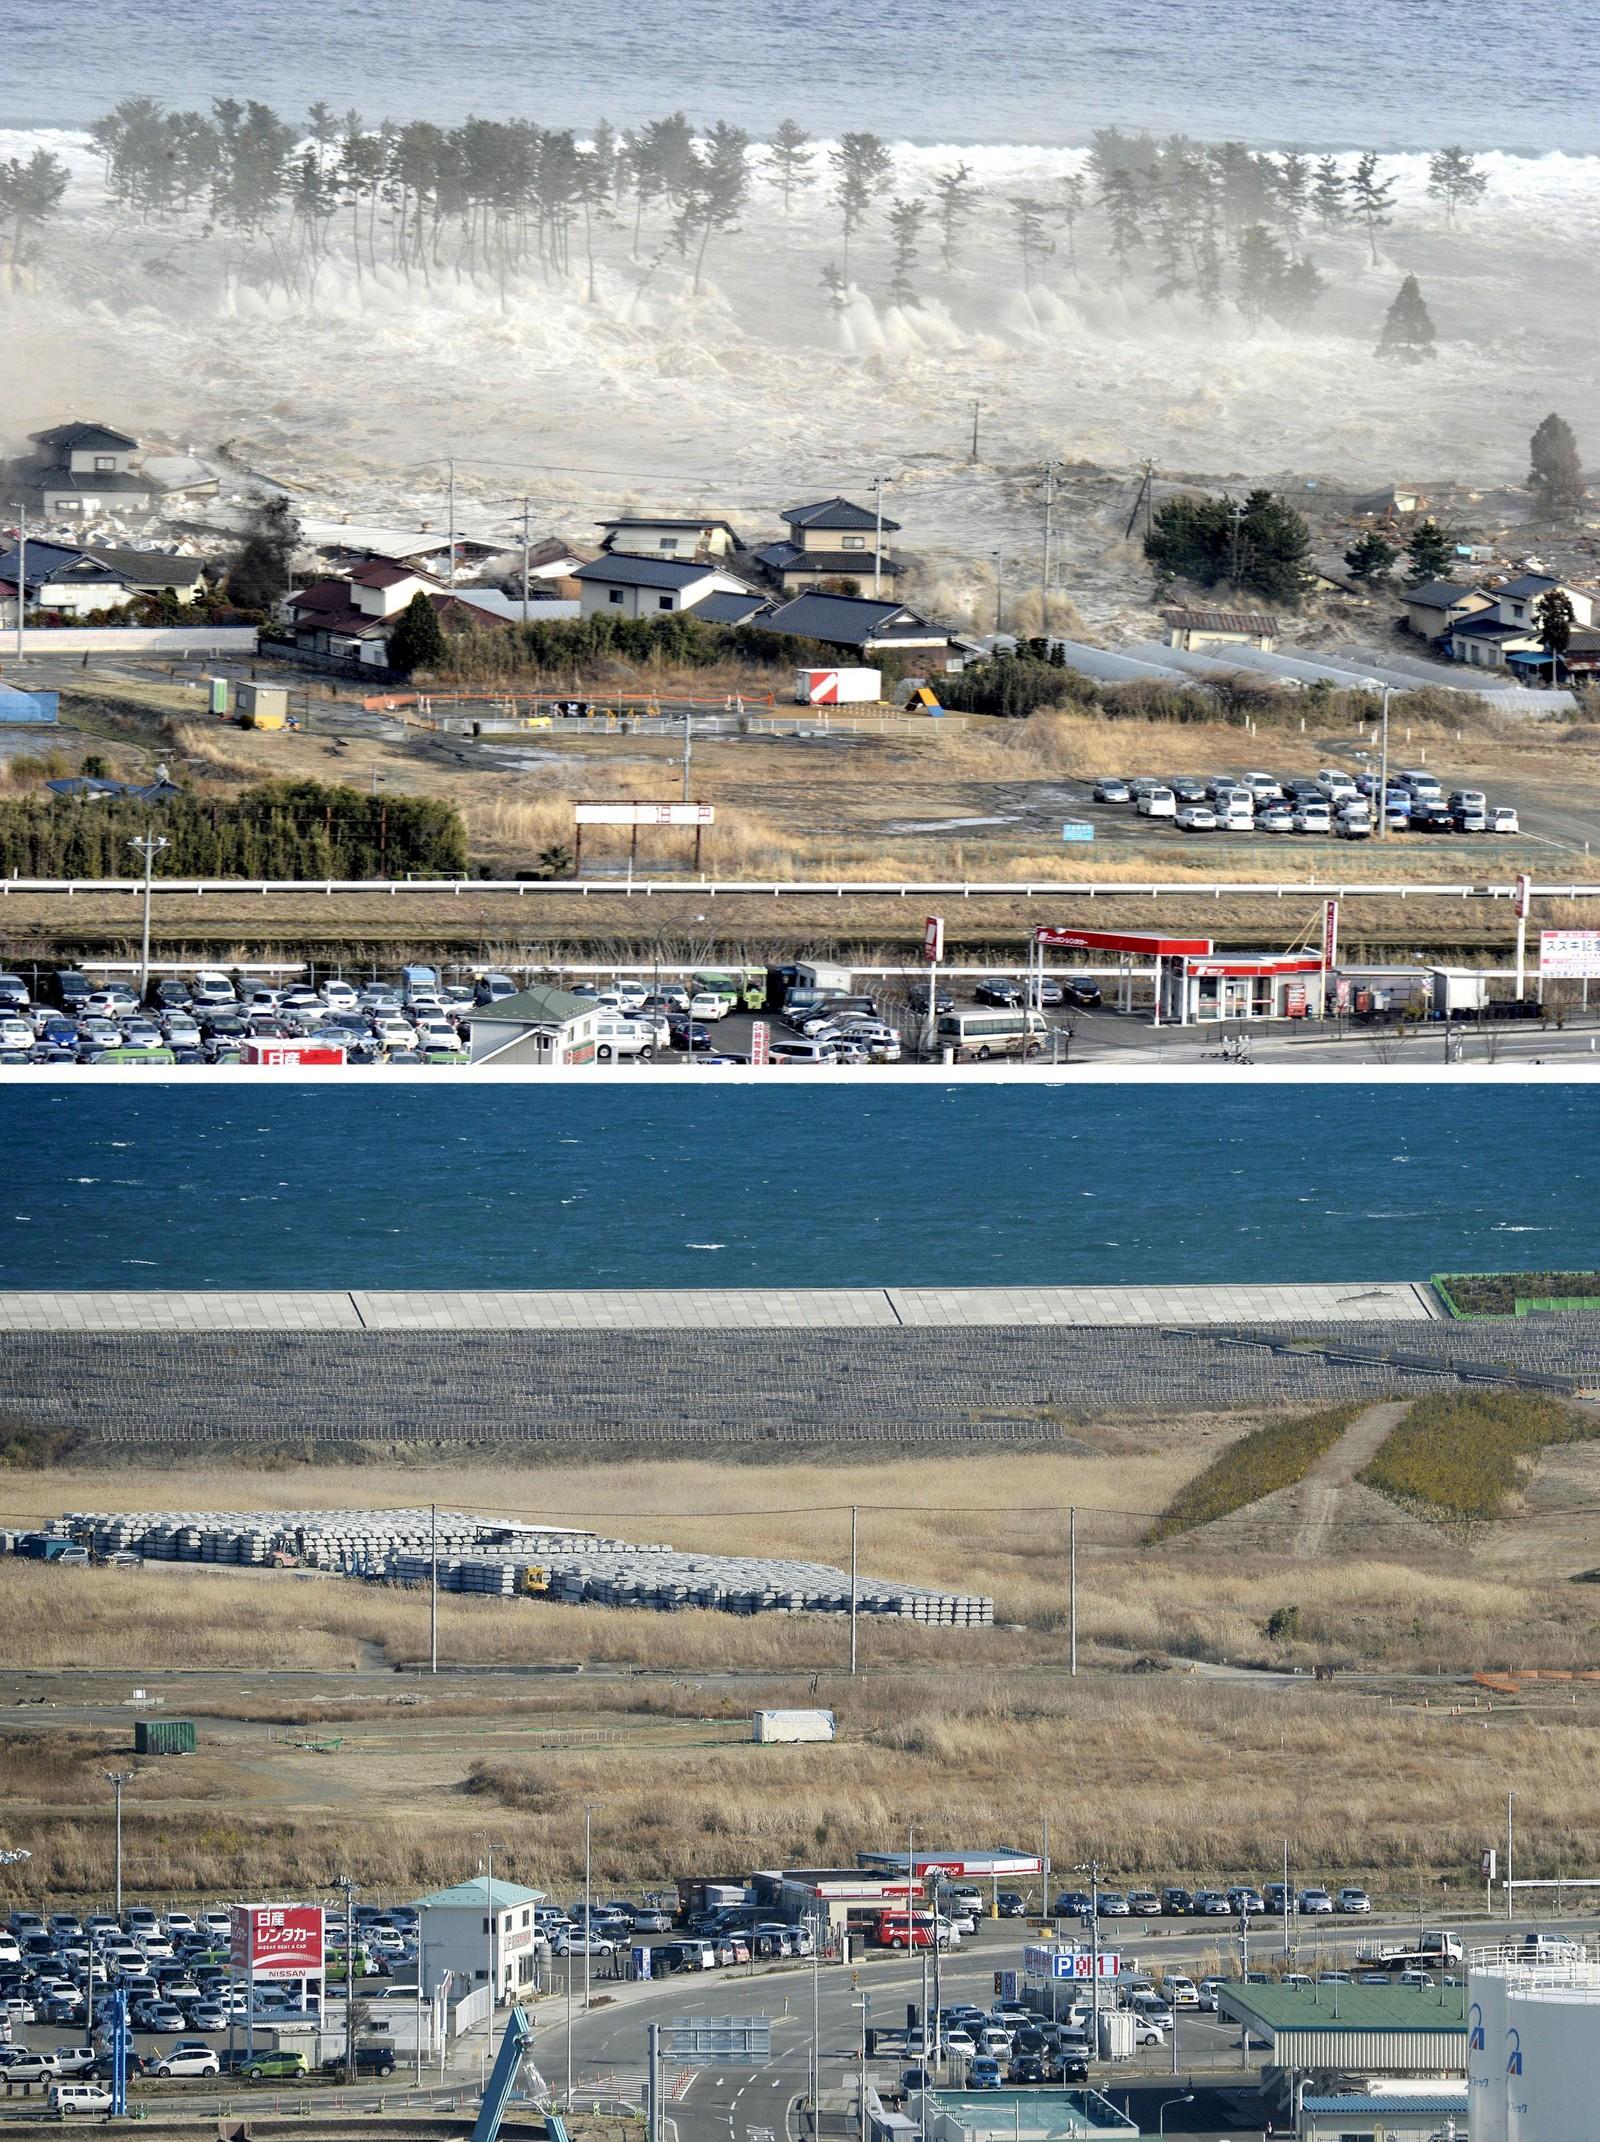 NATORI: Hus ble feid avgårde av tsunamien som fulgte jordskjelvet i Japan. Her fra Natori, nordøst i Japan. Bildet nederst viser det samme området fem år senere.